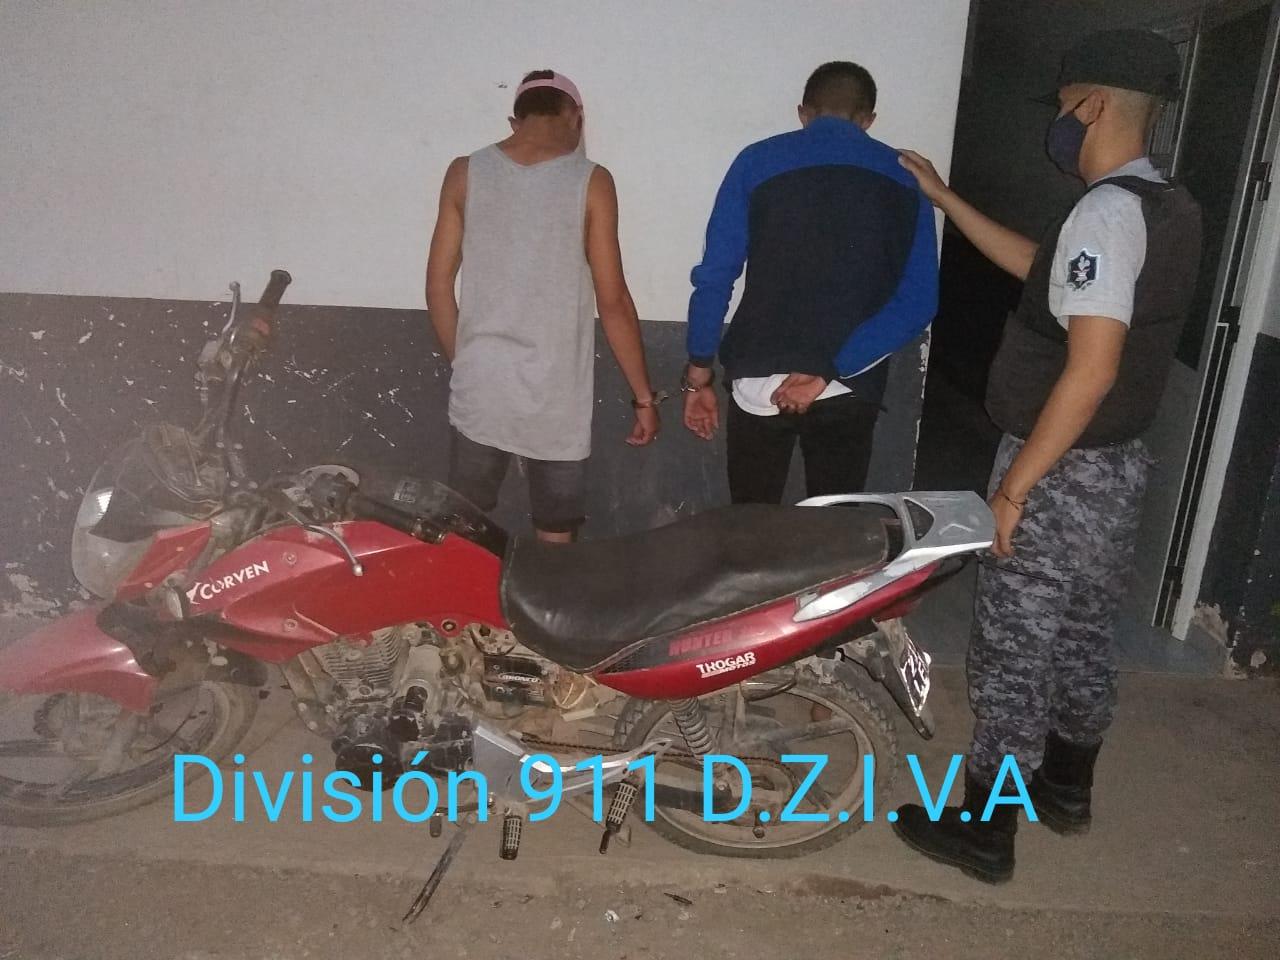 DIVISIÓN 911 DETUVO A LOS ARREBATADORES DE LOS $83.000